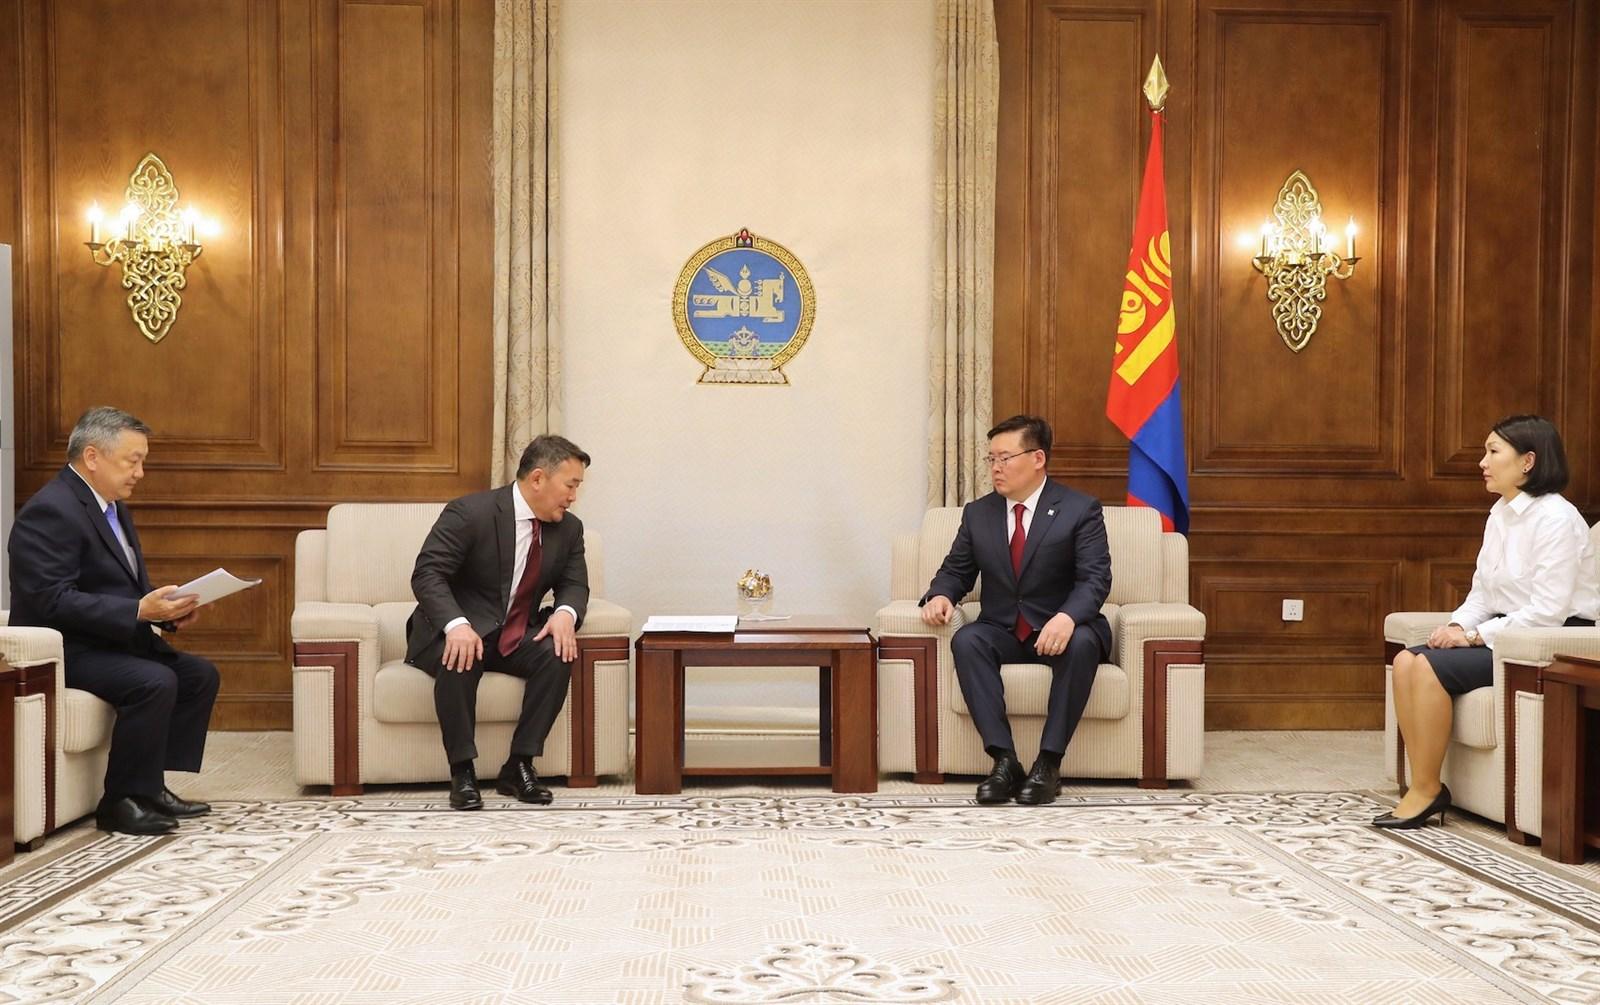 Монгол Улсын Ерөнхийлөгч Үндсэн хуульд оруулах нэмэлт, өөрчлөлтийн төсөл, санал өргөн мэдүүллээ